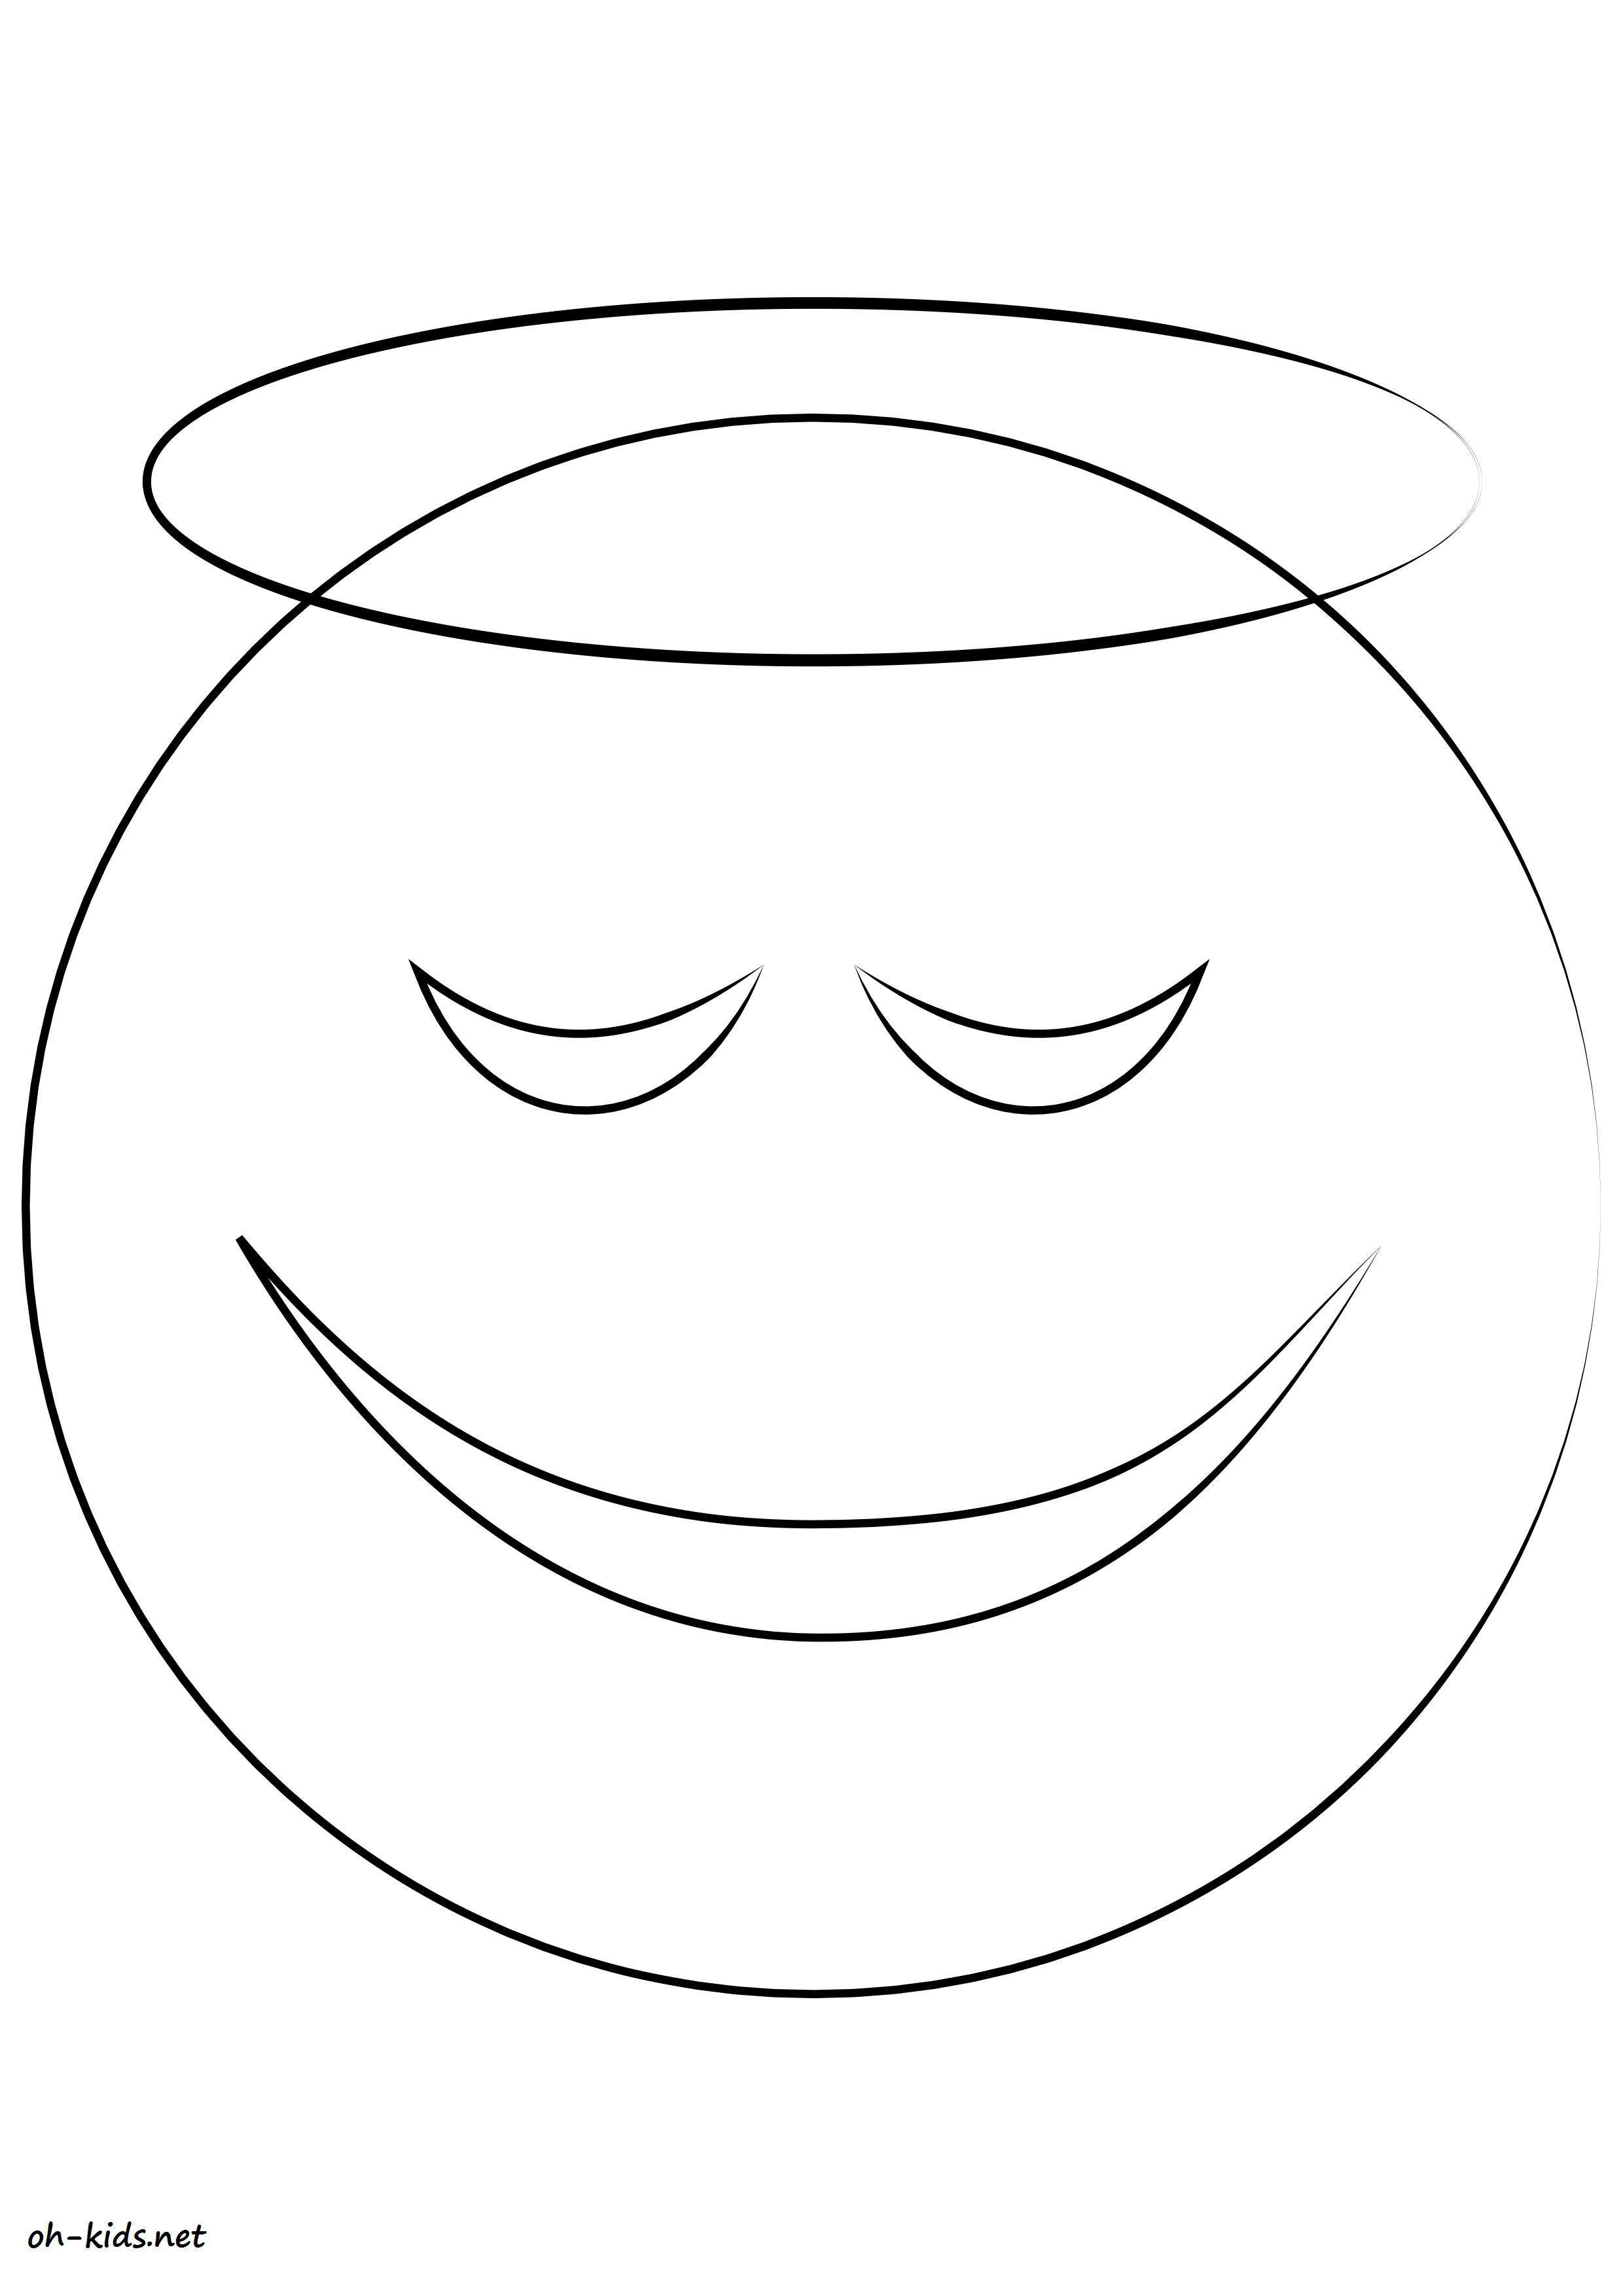 coloriage smiley gratuit a imprimer Dessin 756